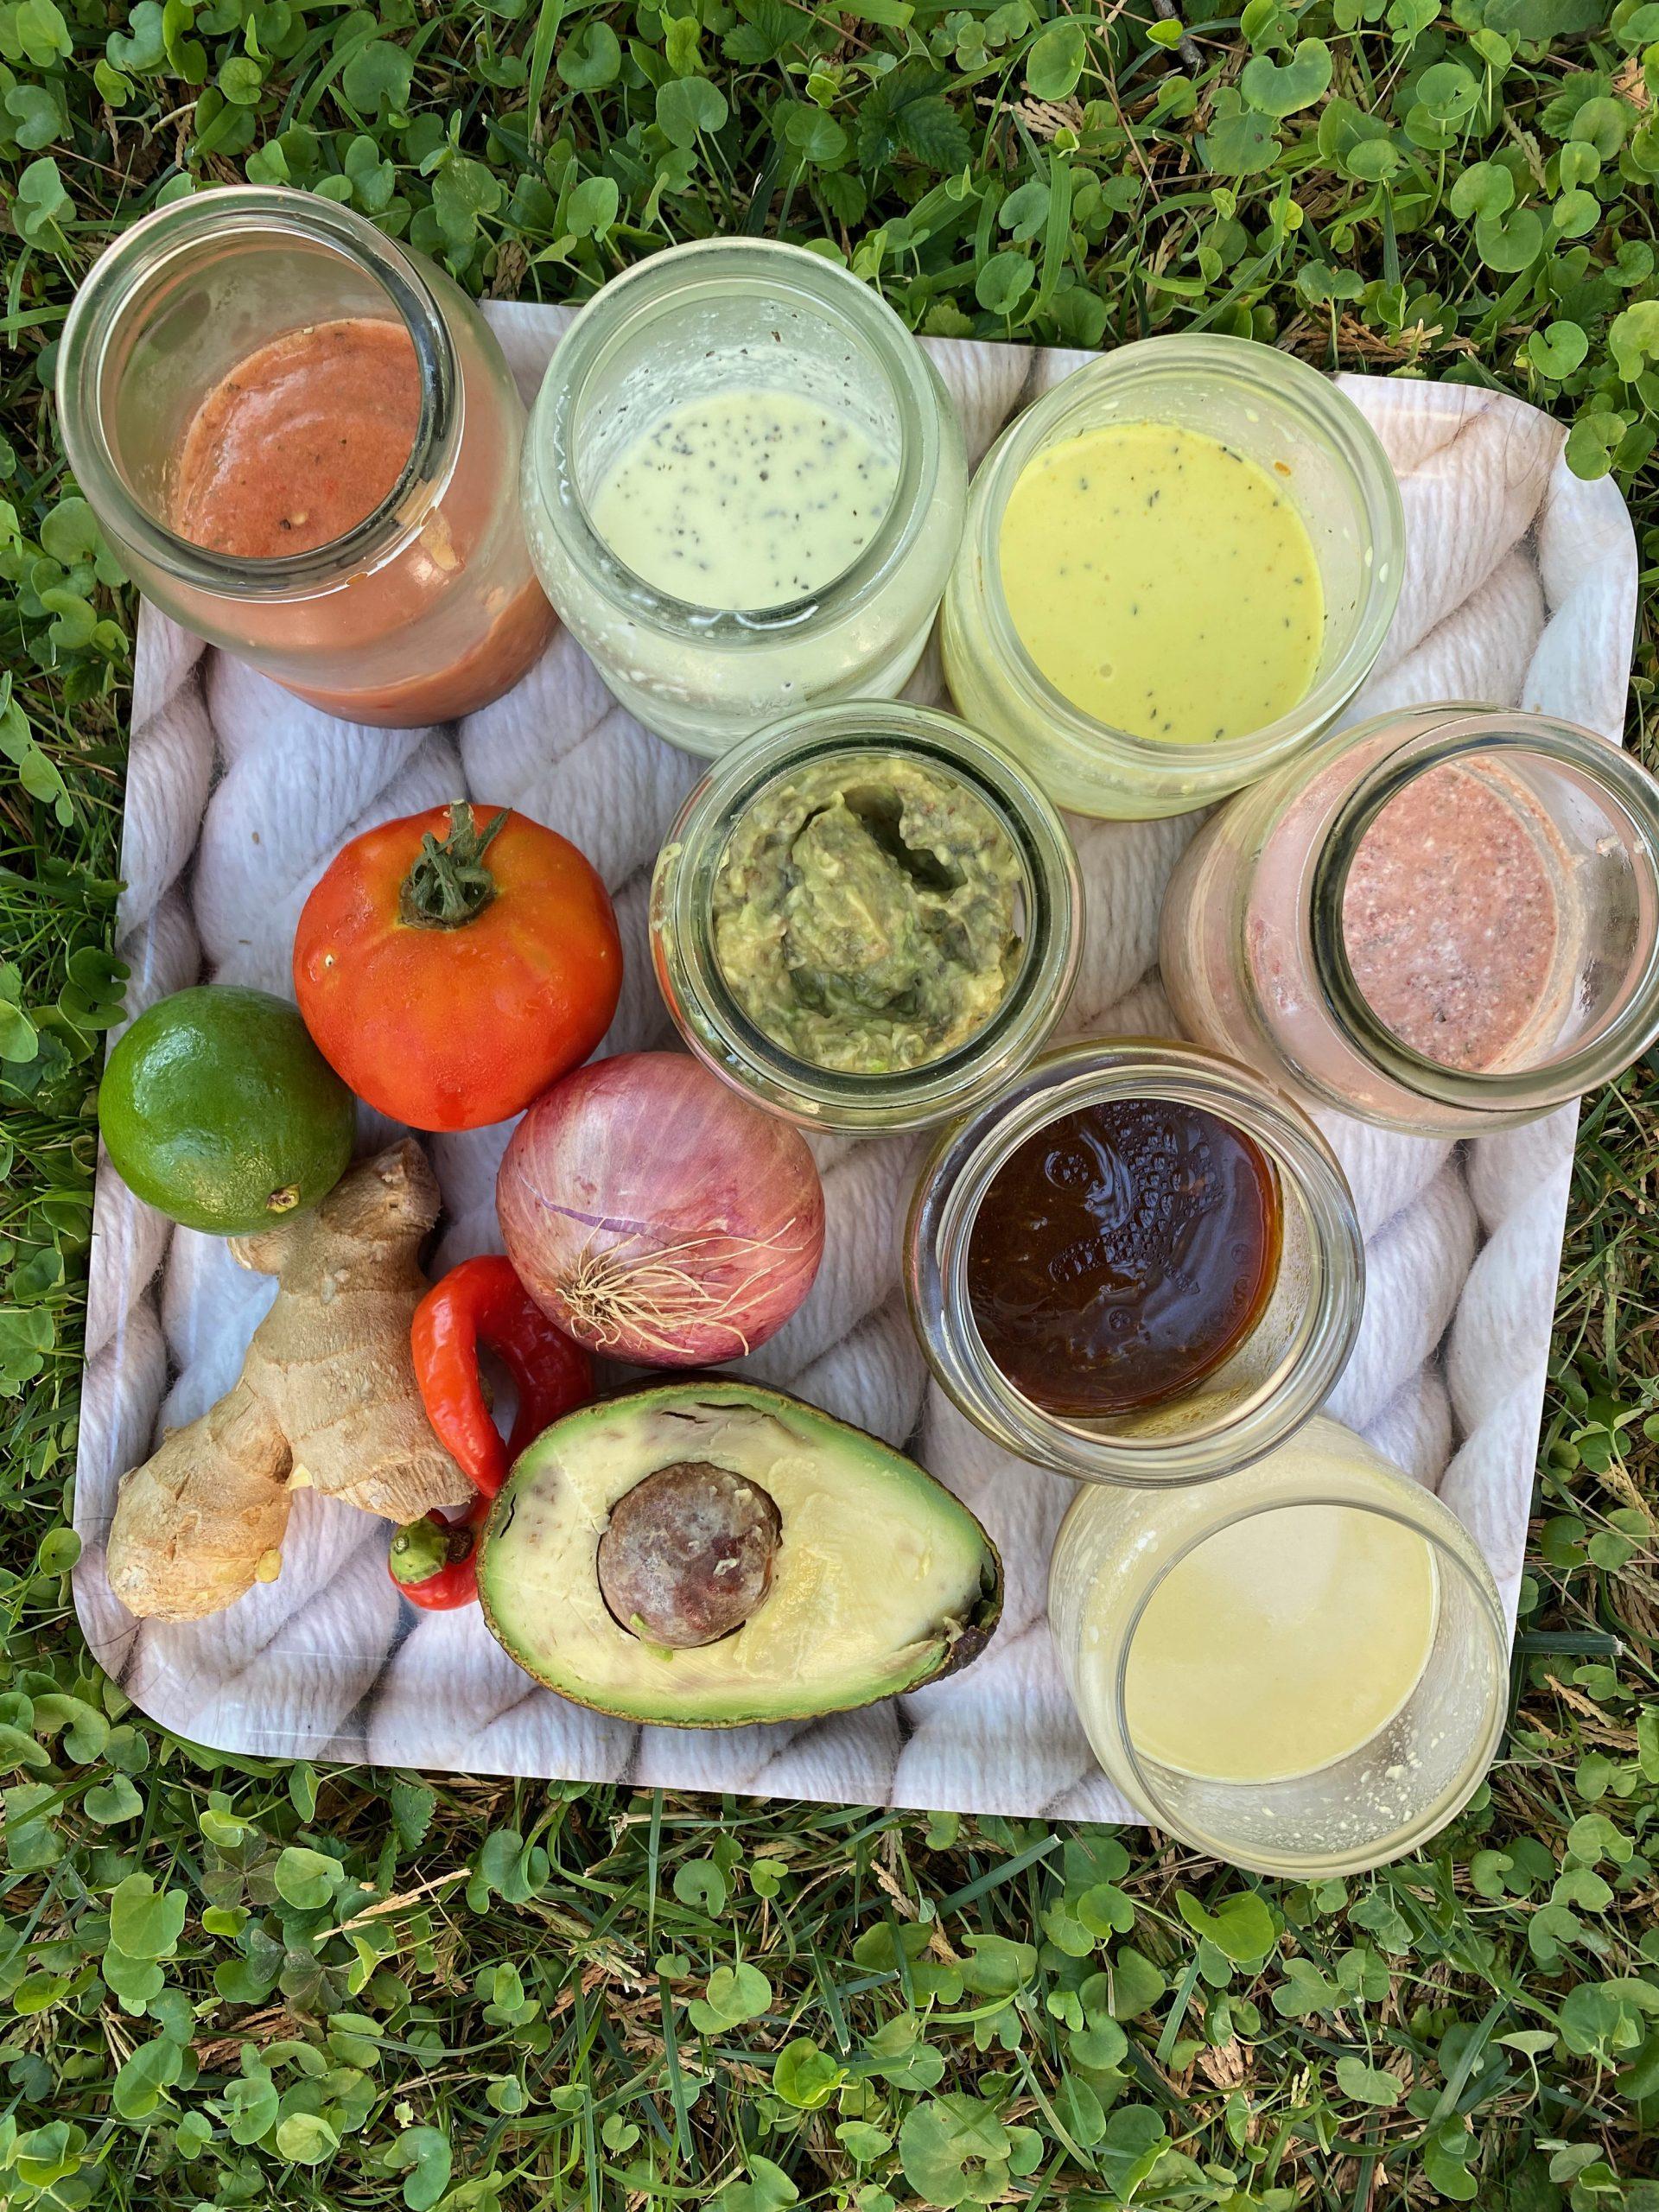 βαζάκια με διάφορες σος σε δίσκο και λαχανικά